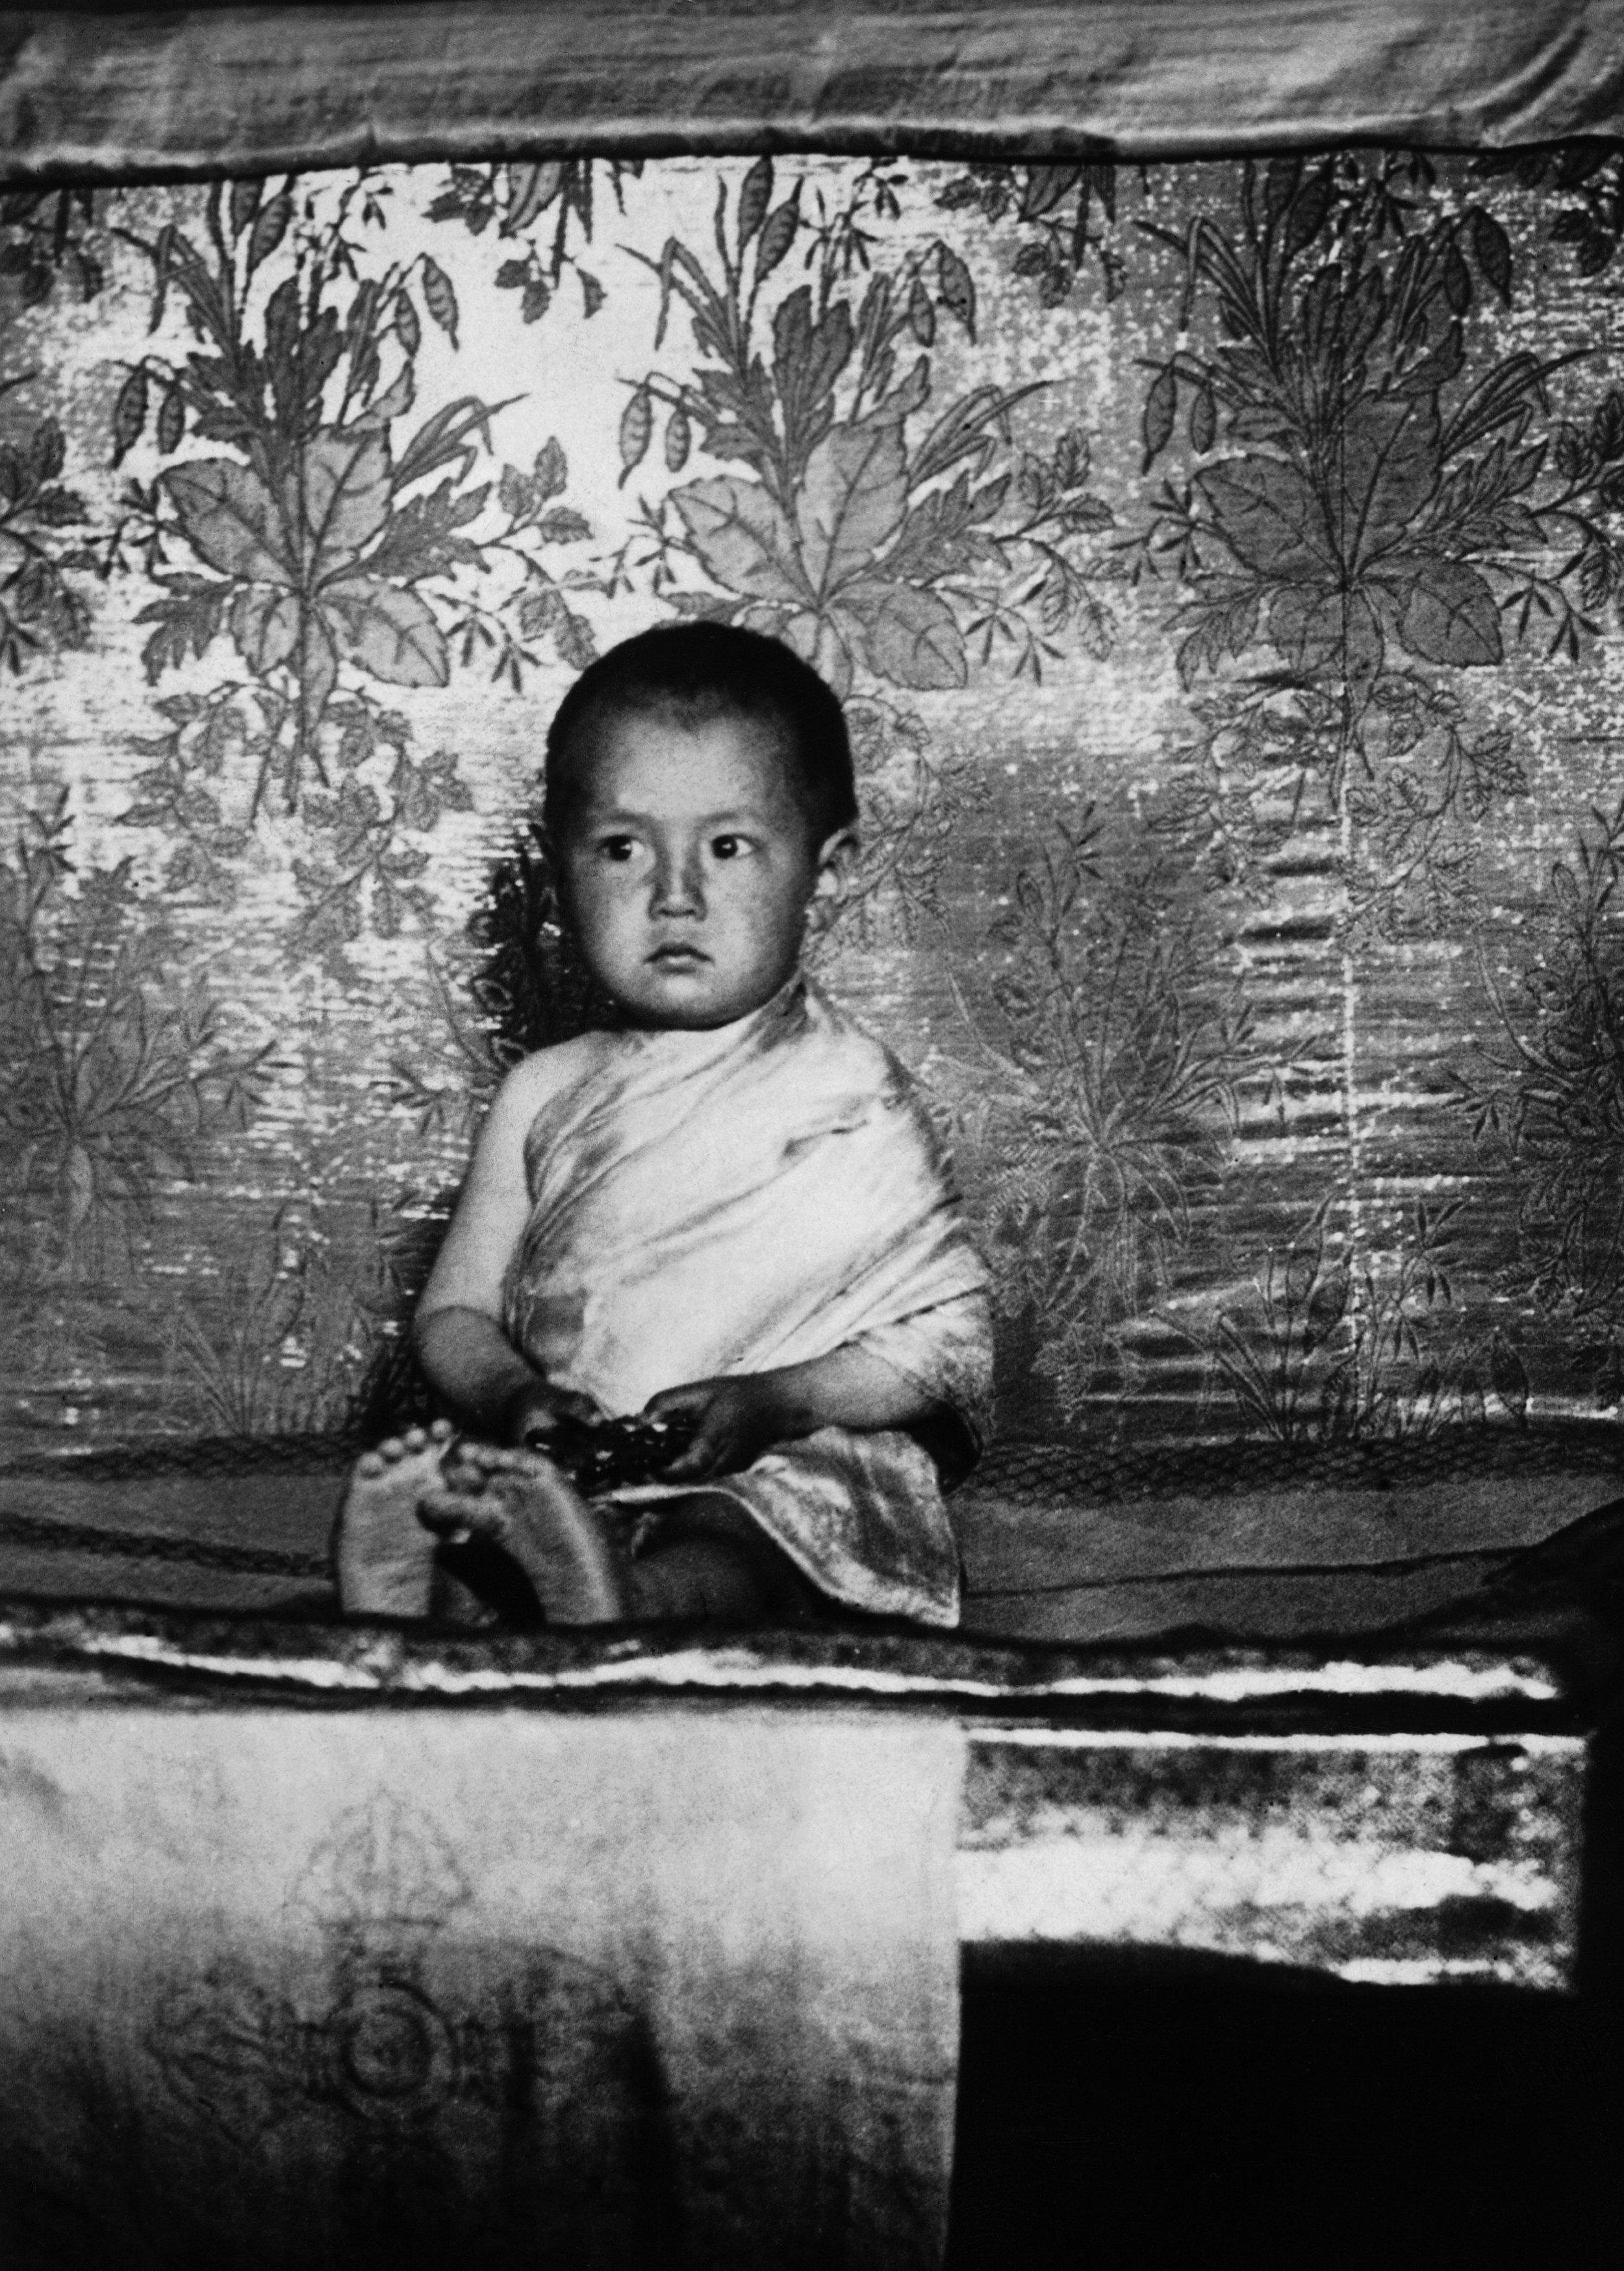 Young Dalai Lama